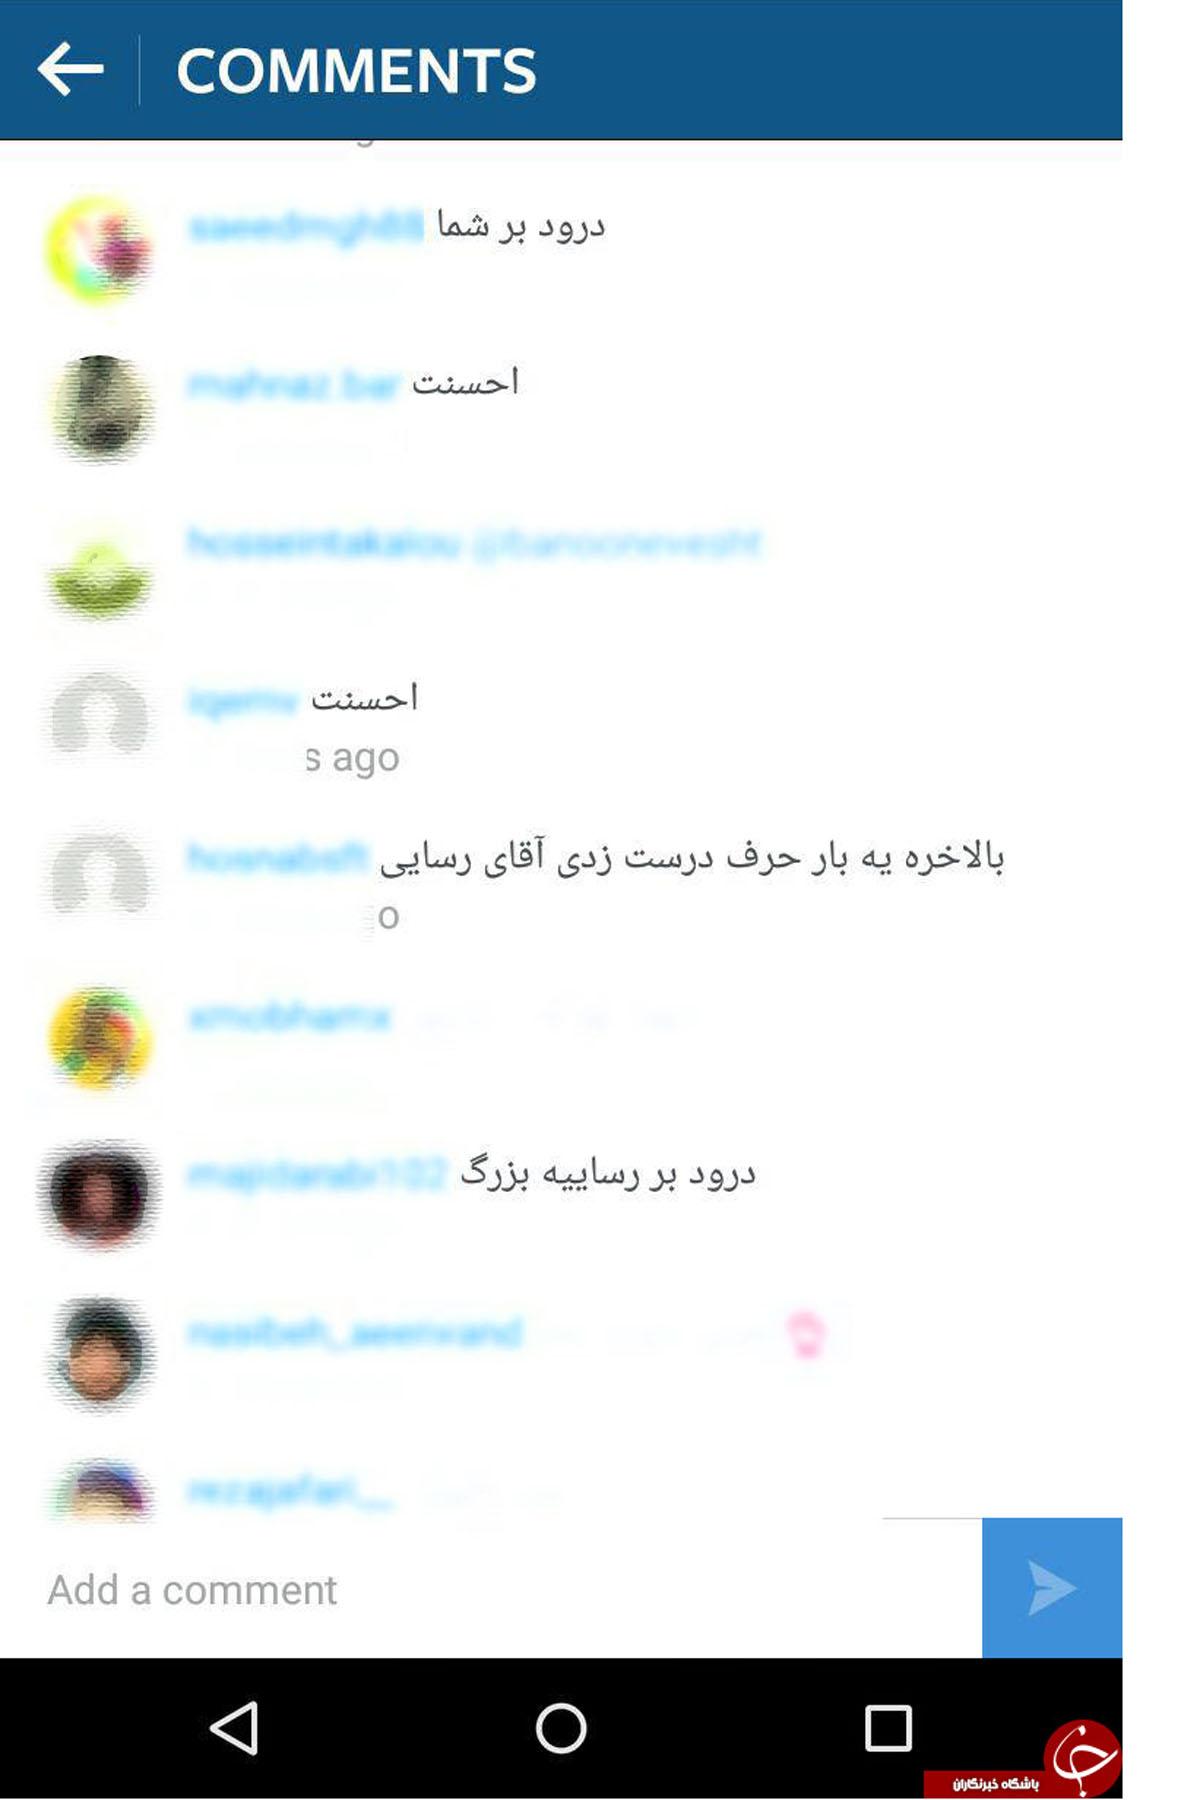 اعتراف جالب نماینده مجلس در صفحه اینستاگرامش